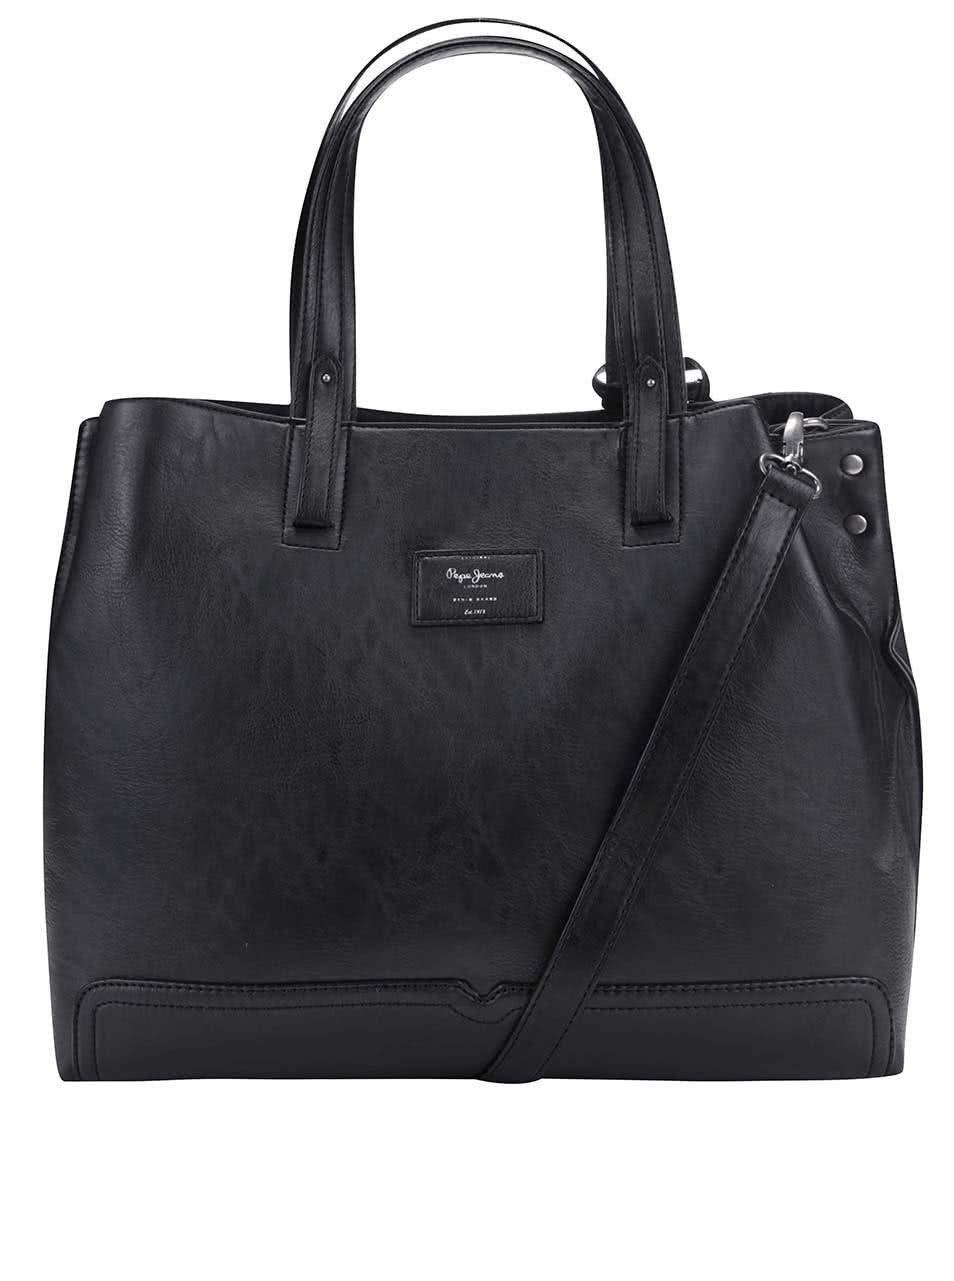 Černá kabelka Pepe Jeans Betty ... 6f2bd9a2f2d